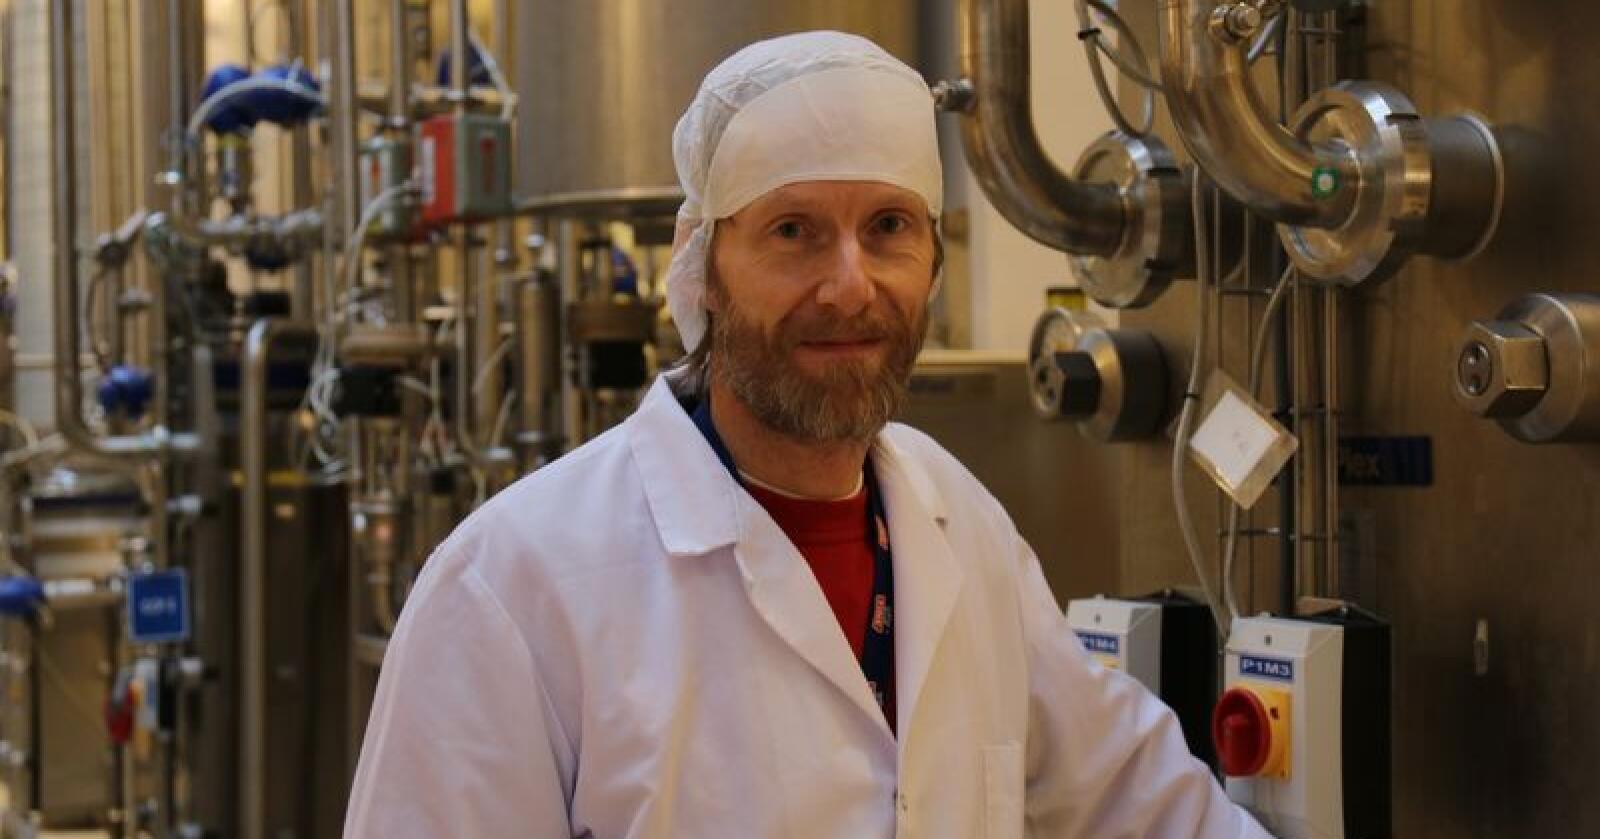 Meierisjef Oskar Aarnes hos Tines anlegg på Frya i Gudbrandsdalen, gleder seg over at det er de som først får teste ut bruk av papp-emballasjen. Arkivfoto: Lars Olav Haug